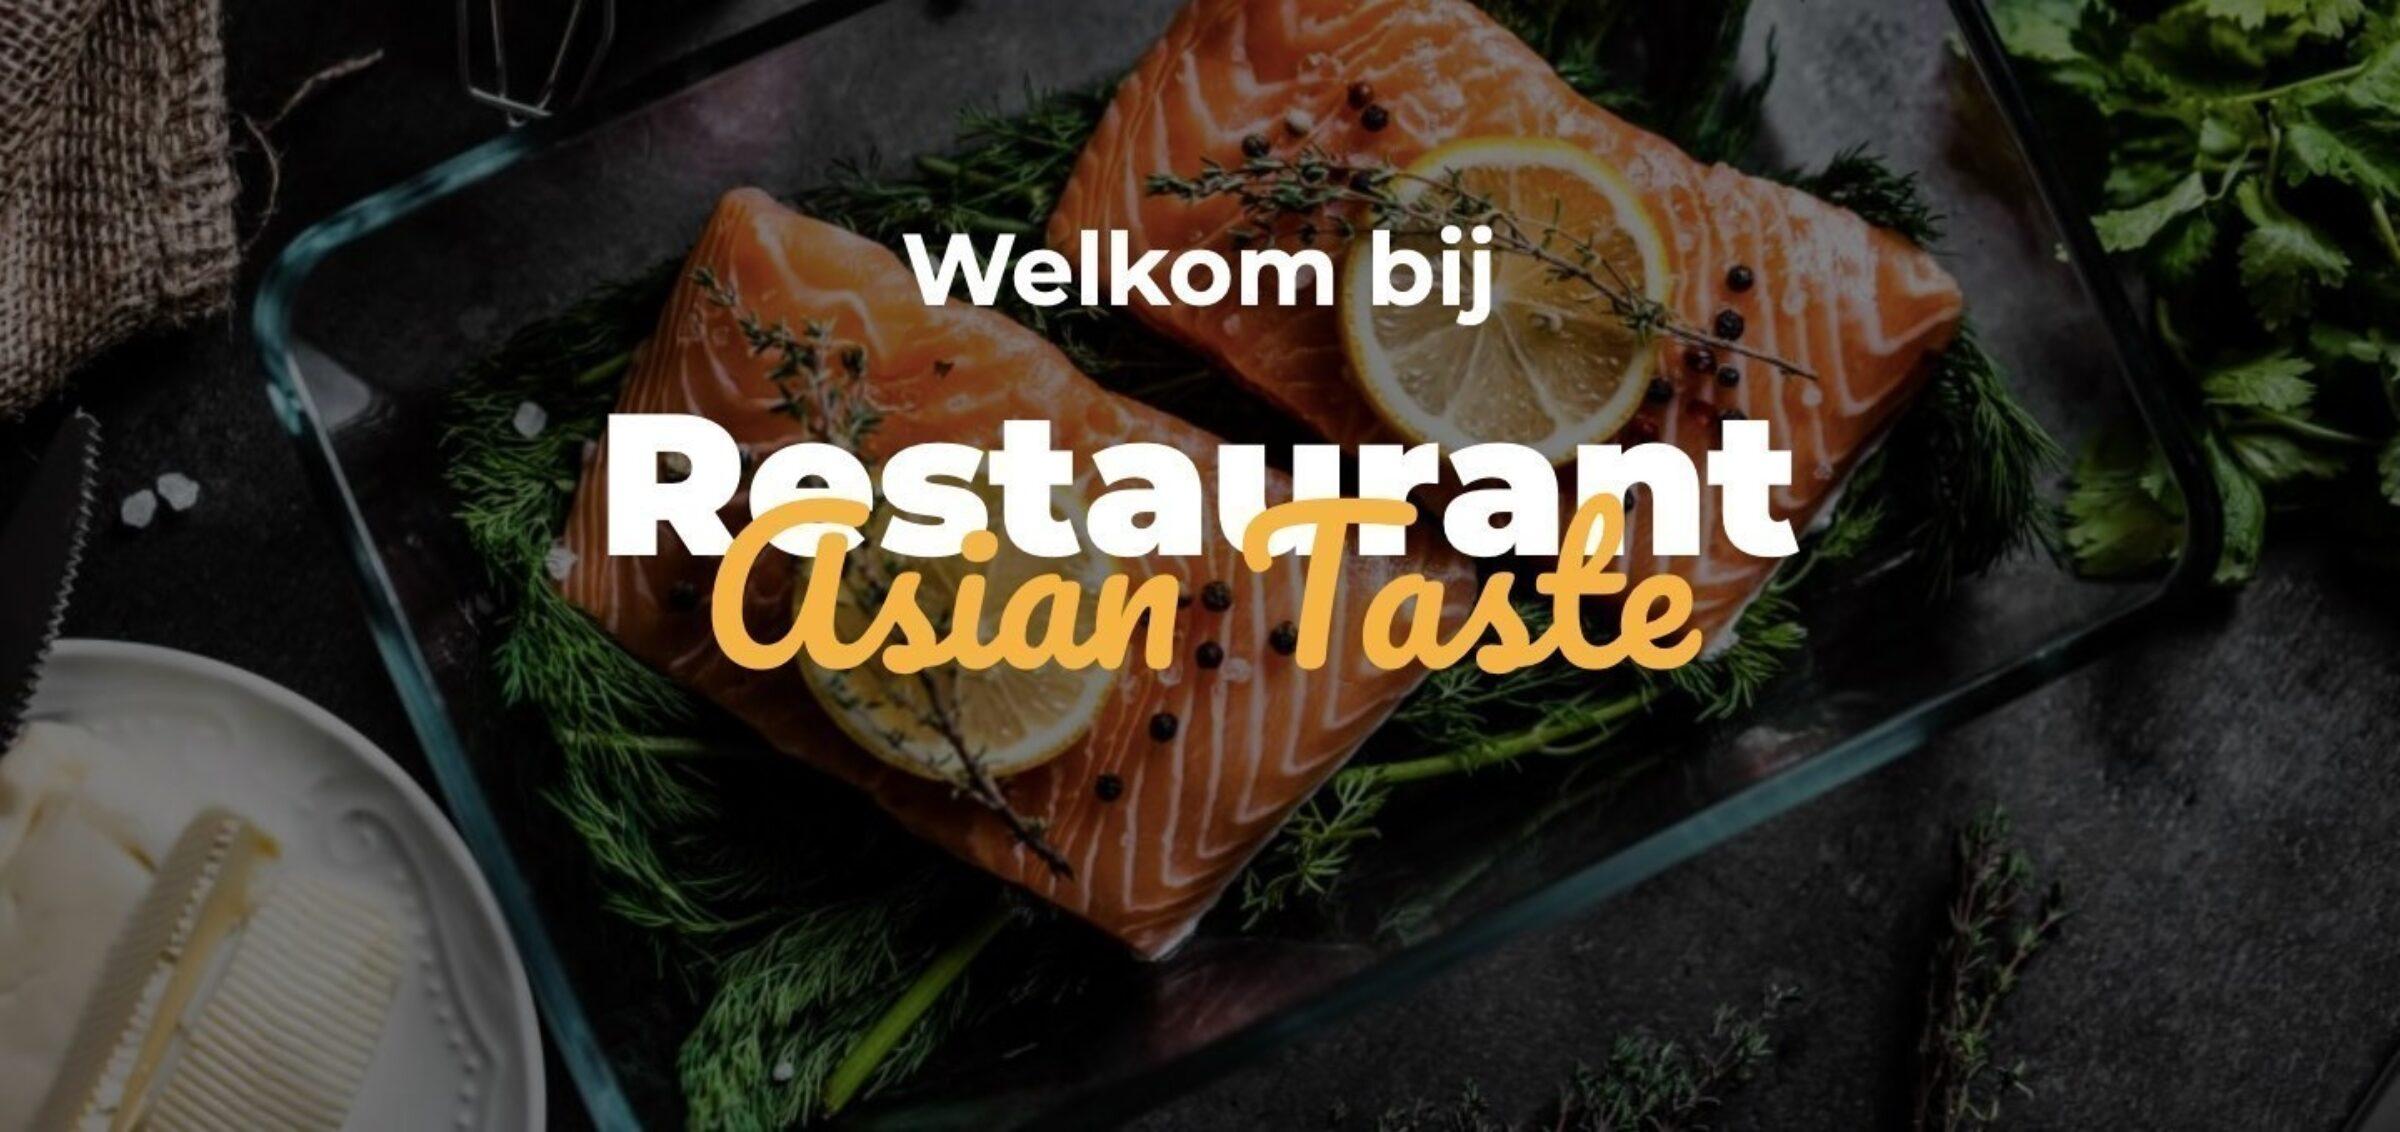 Asian taste Enschede